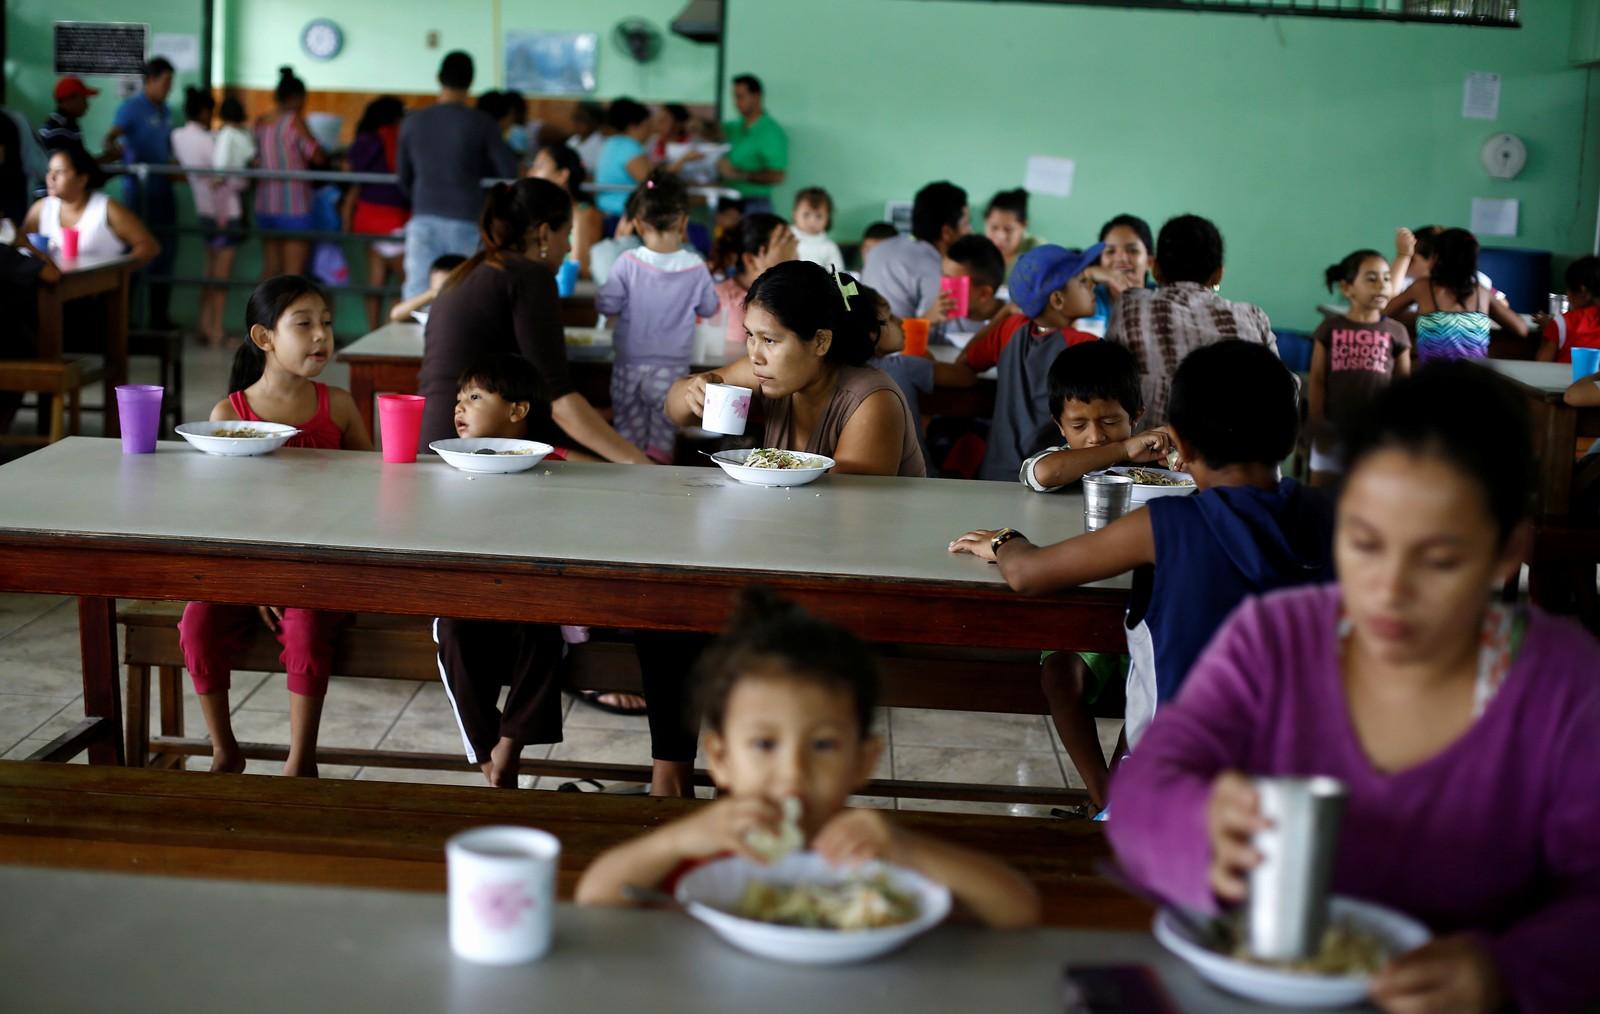 Hjelpearbeidarar serverer mat til familiane som har kome til ein skule i Guapiles i Costa Rica.